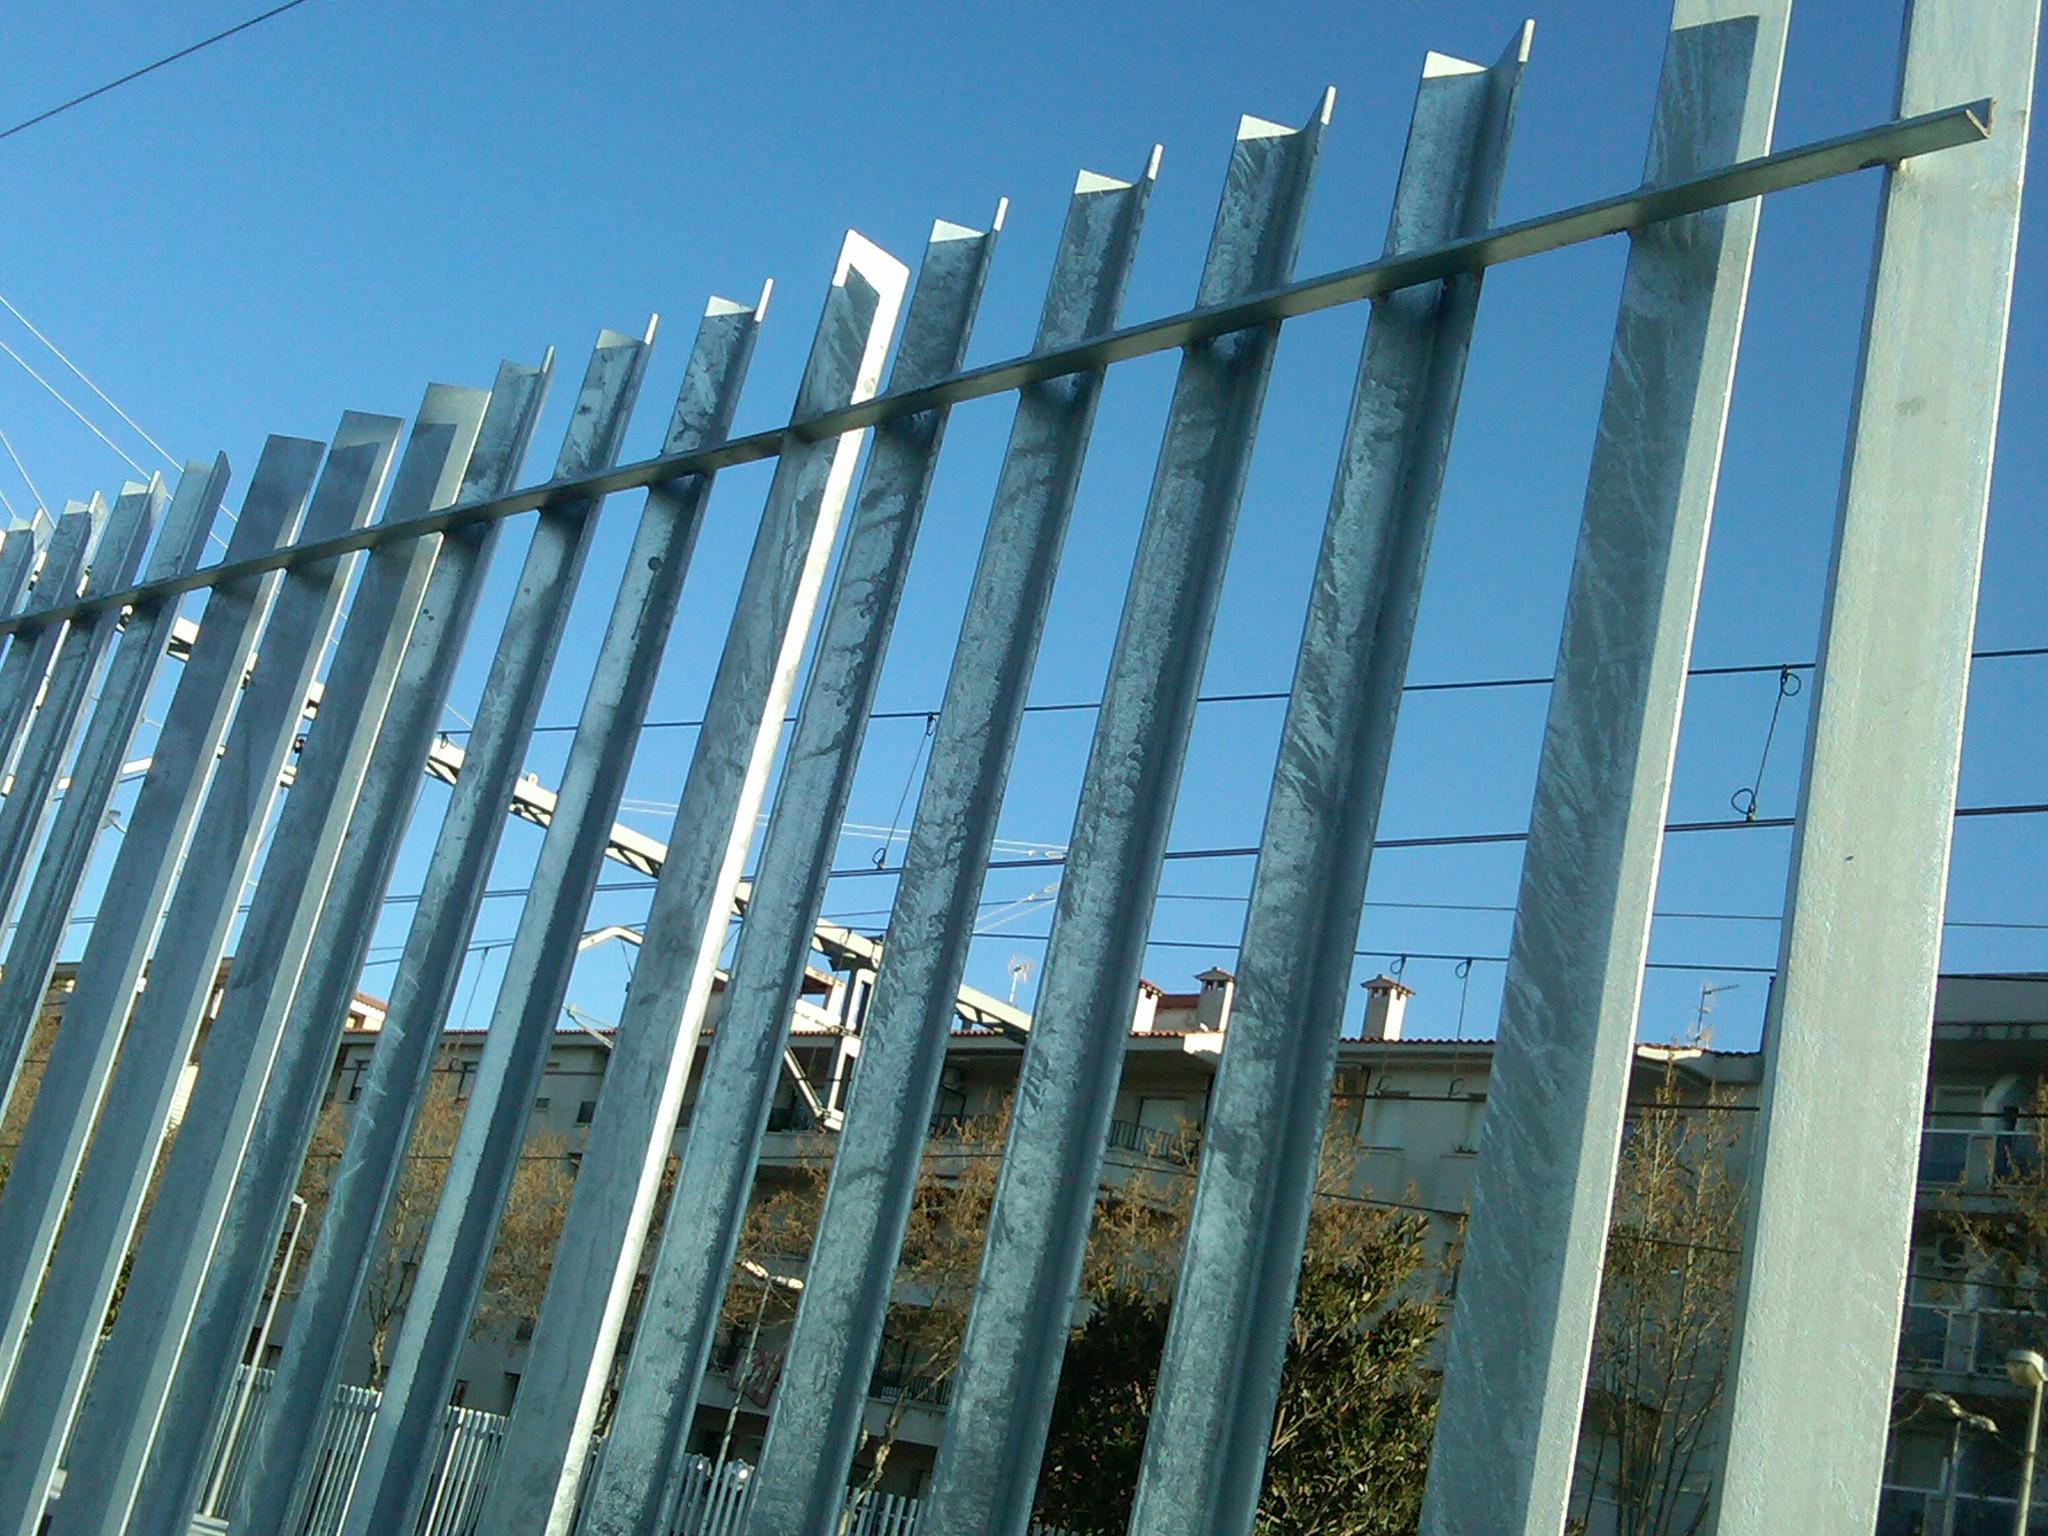 Vinuesa vallas cercados como son cercados verjas y puertas vinuesa vallas cercados - Tipos de vallas ...